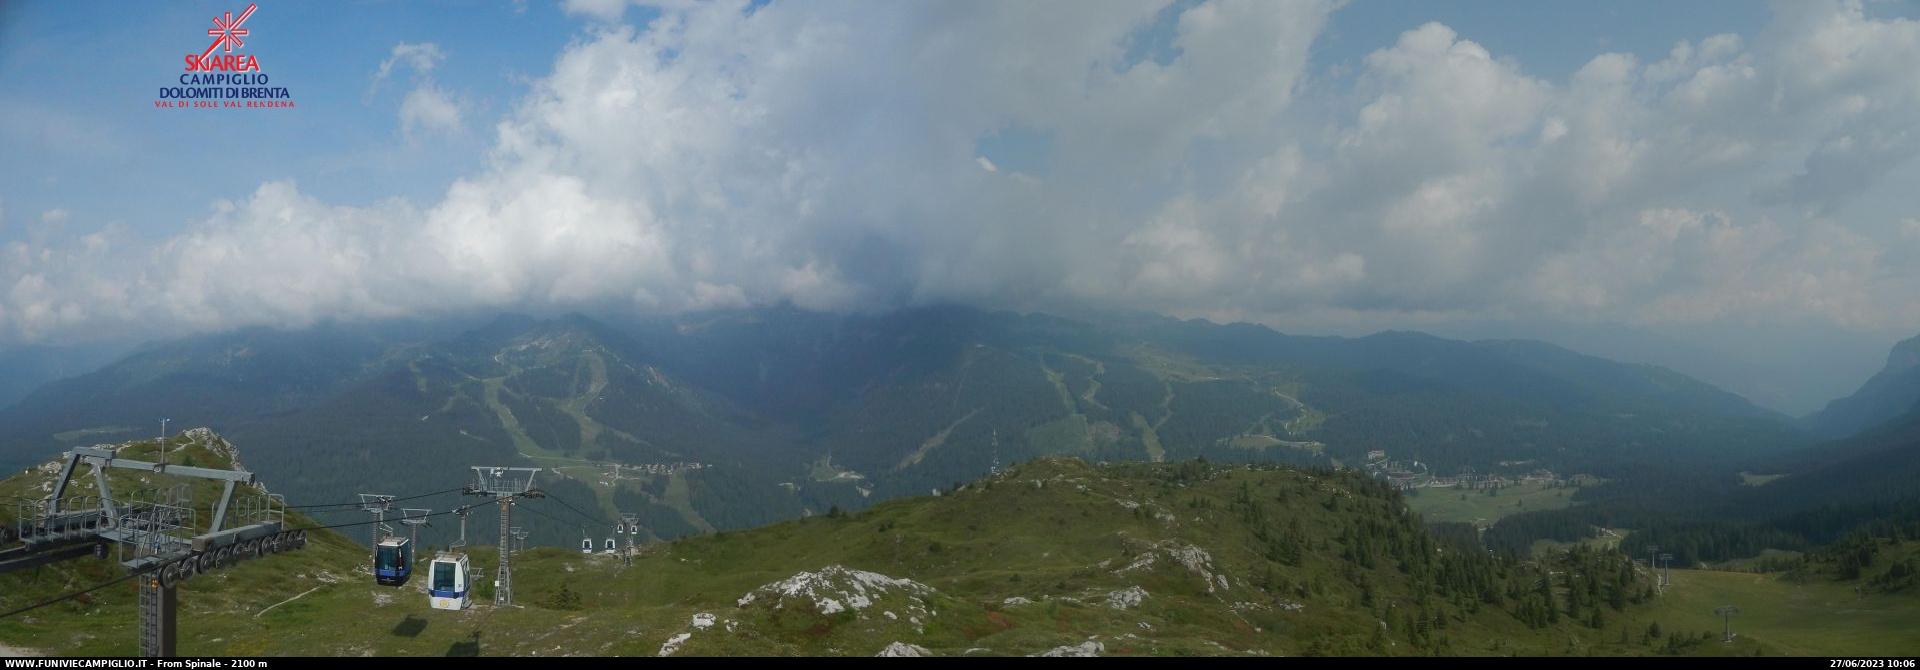 Webcam panoramica Pradalago da Spinale - Madonna di Campiglio